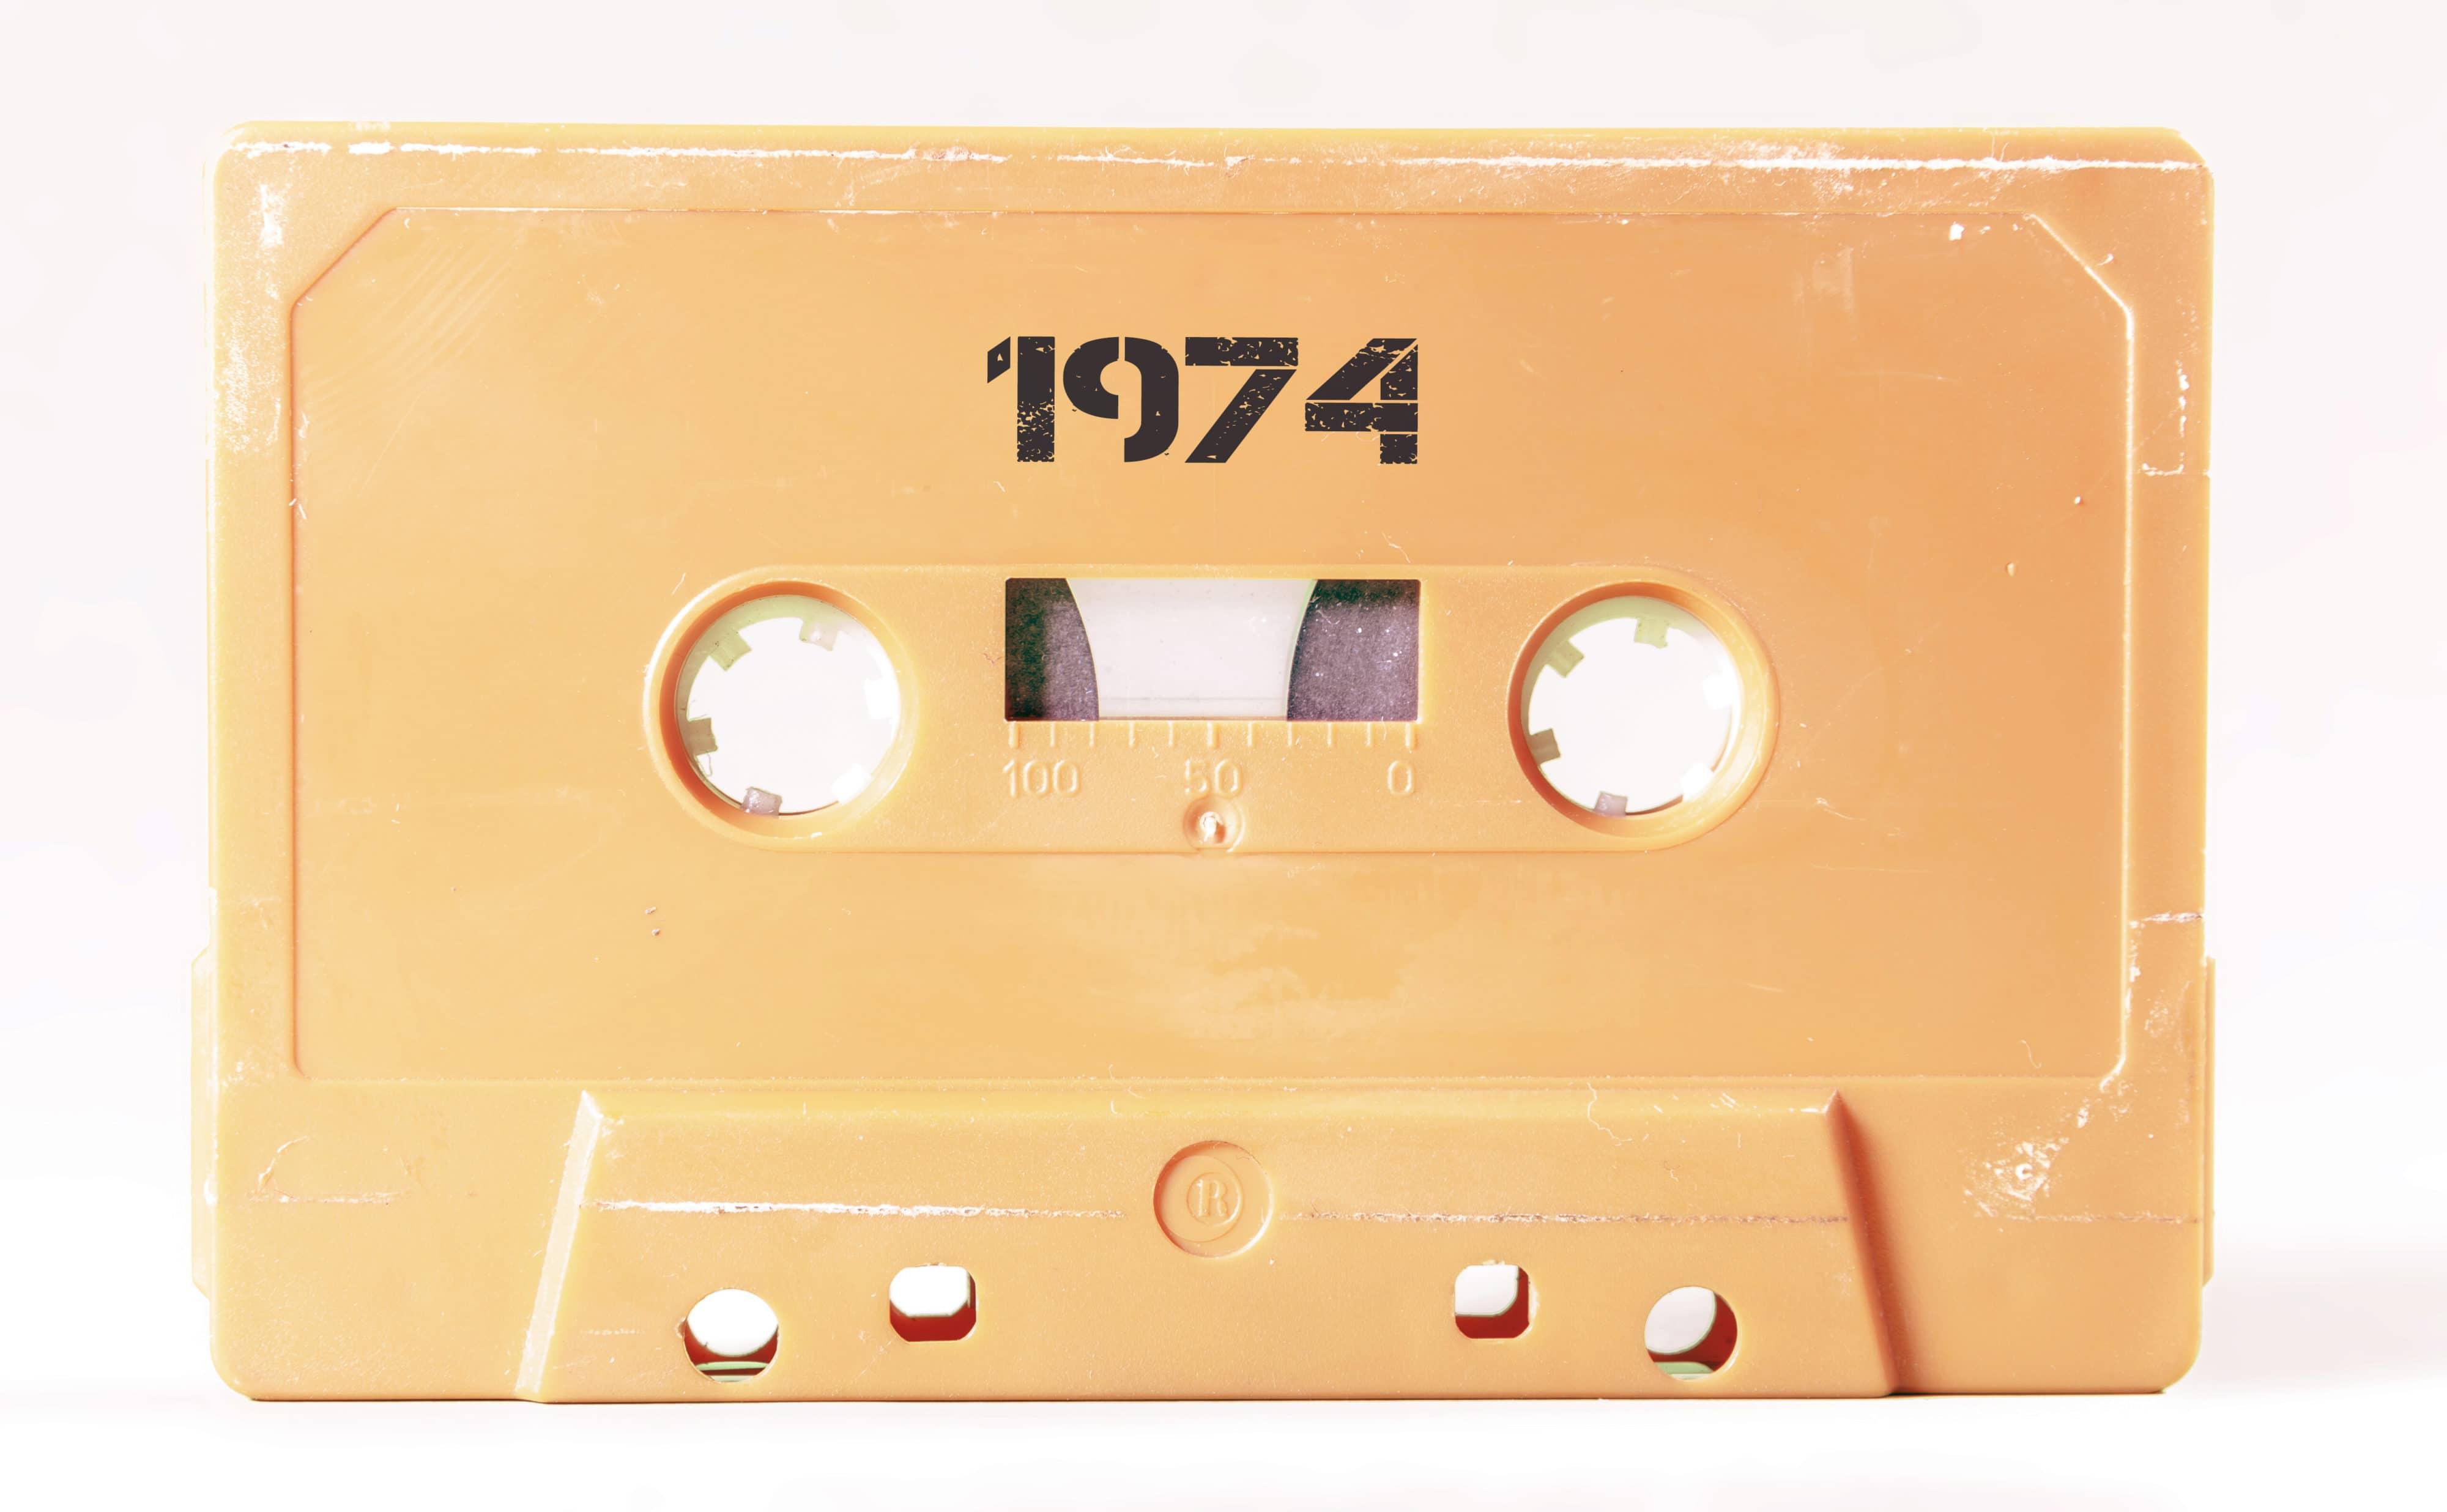 1974-4000x2472.jpeg